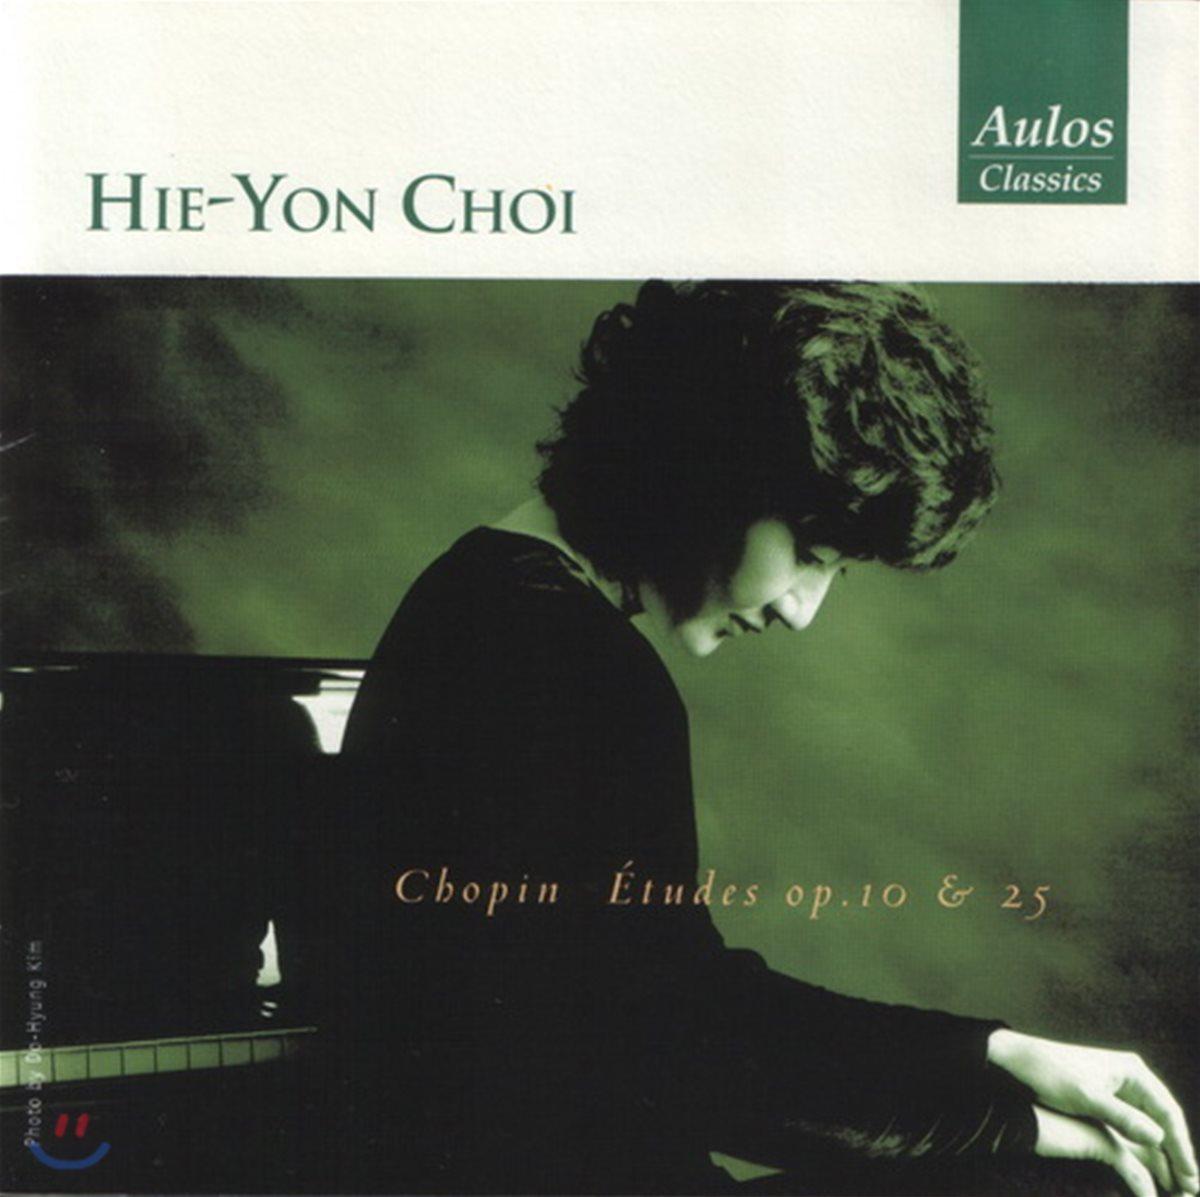 최희연 - 쇼팽: 연습곡 (Chopin: Etudes Op.10 & Op.25 )